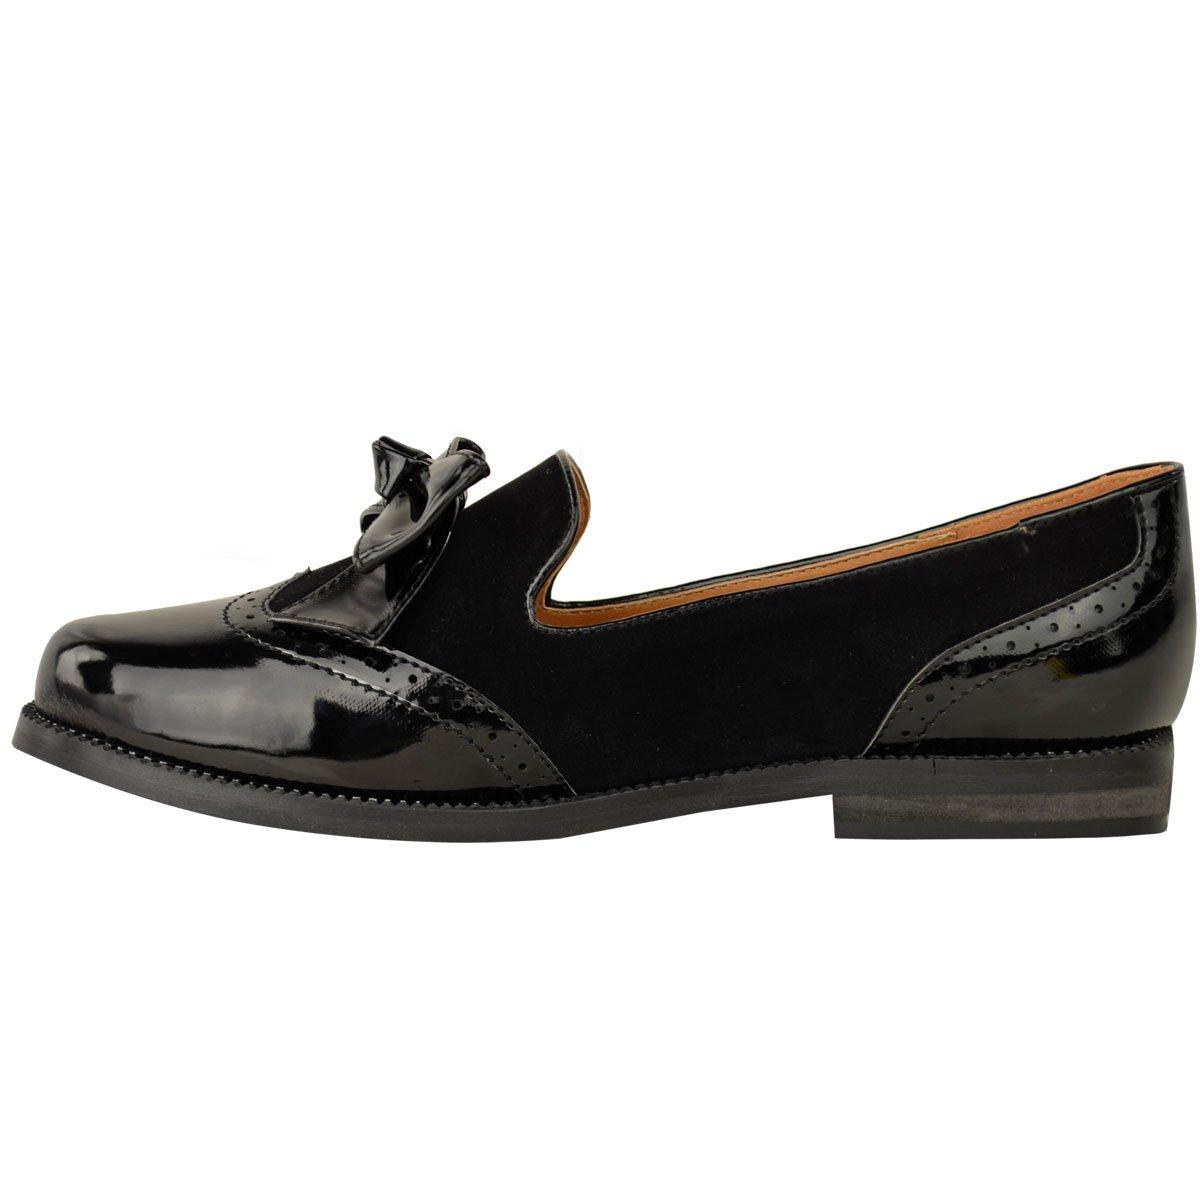 Mujer Mocasines Planos Lazo Trabajo Formal Oficina Elegante Escuela Zapatillas Talla - Charol Negro/Ante, 36: Amazon.es: Zapatos y complementos